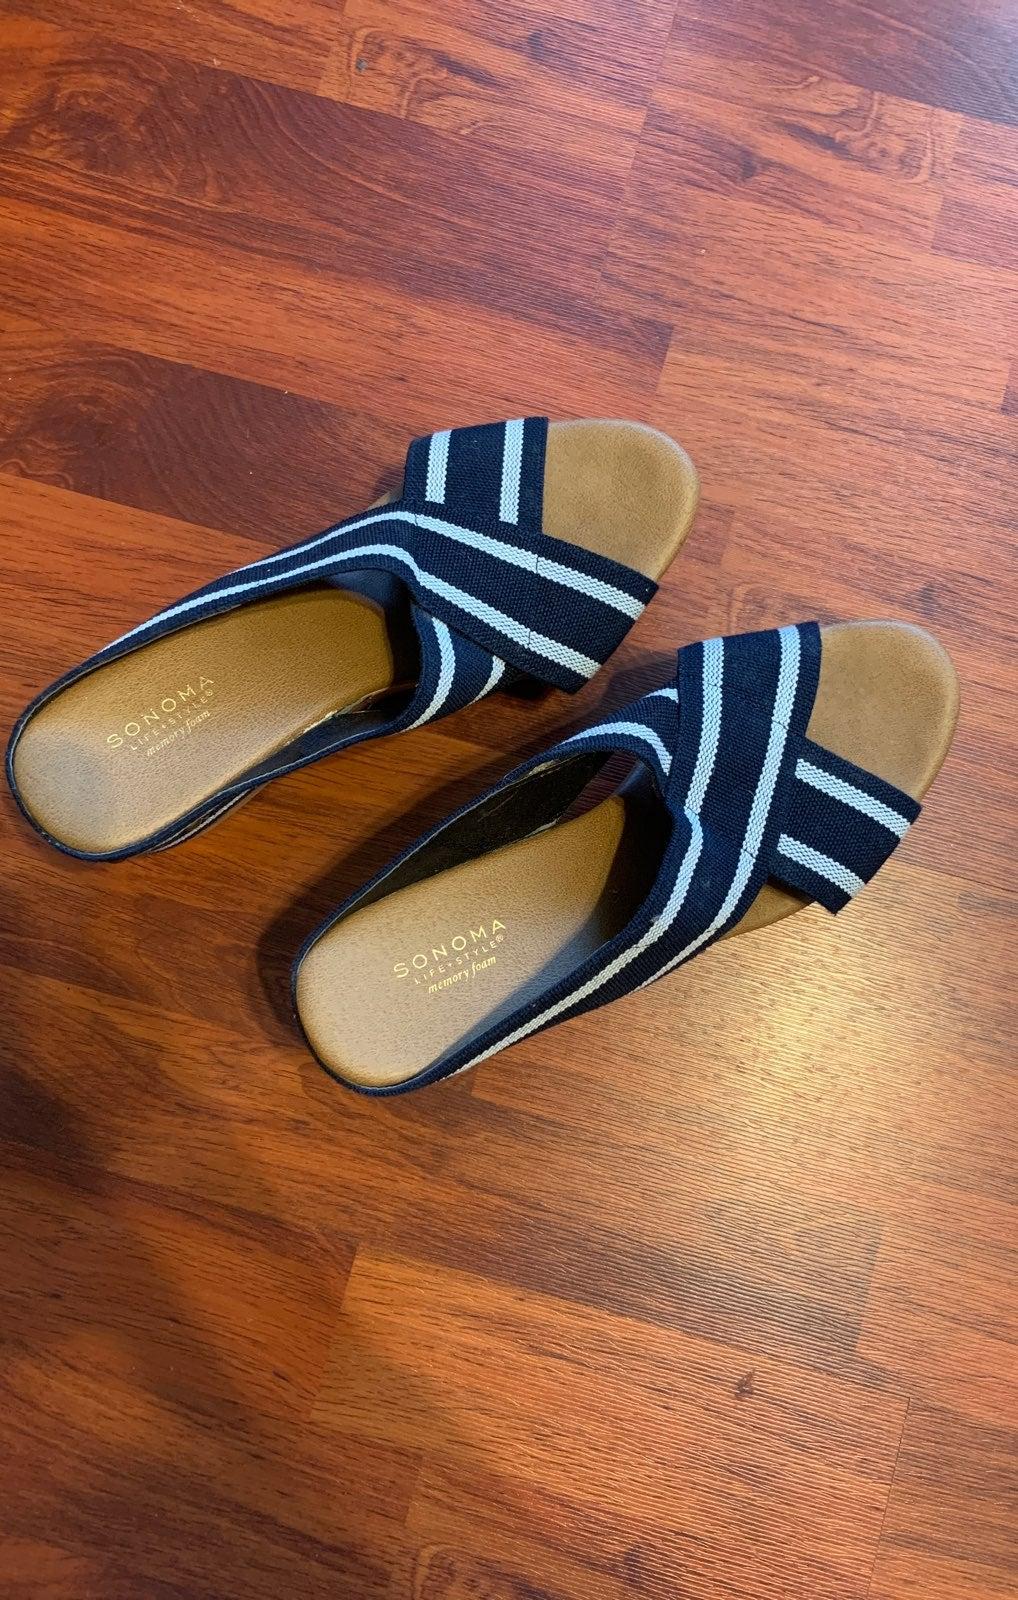 Sonoma wedge sandal's